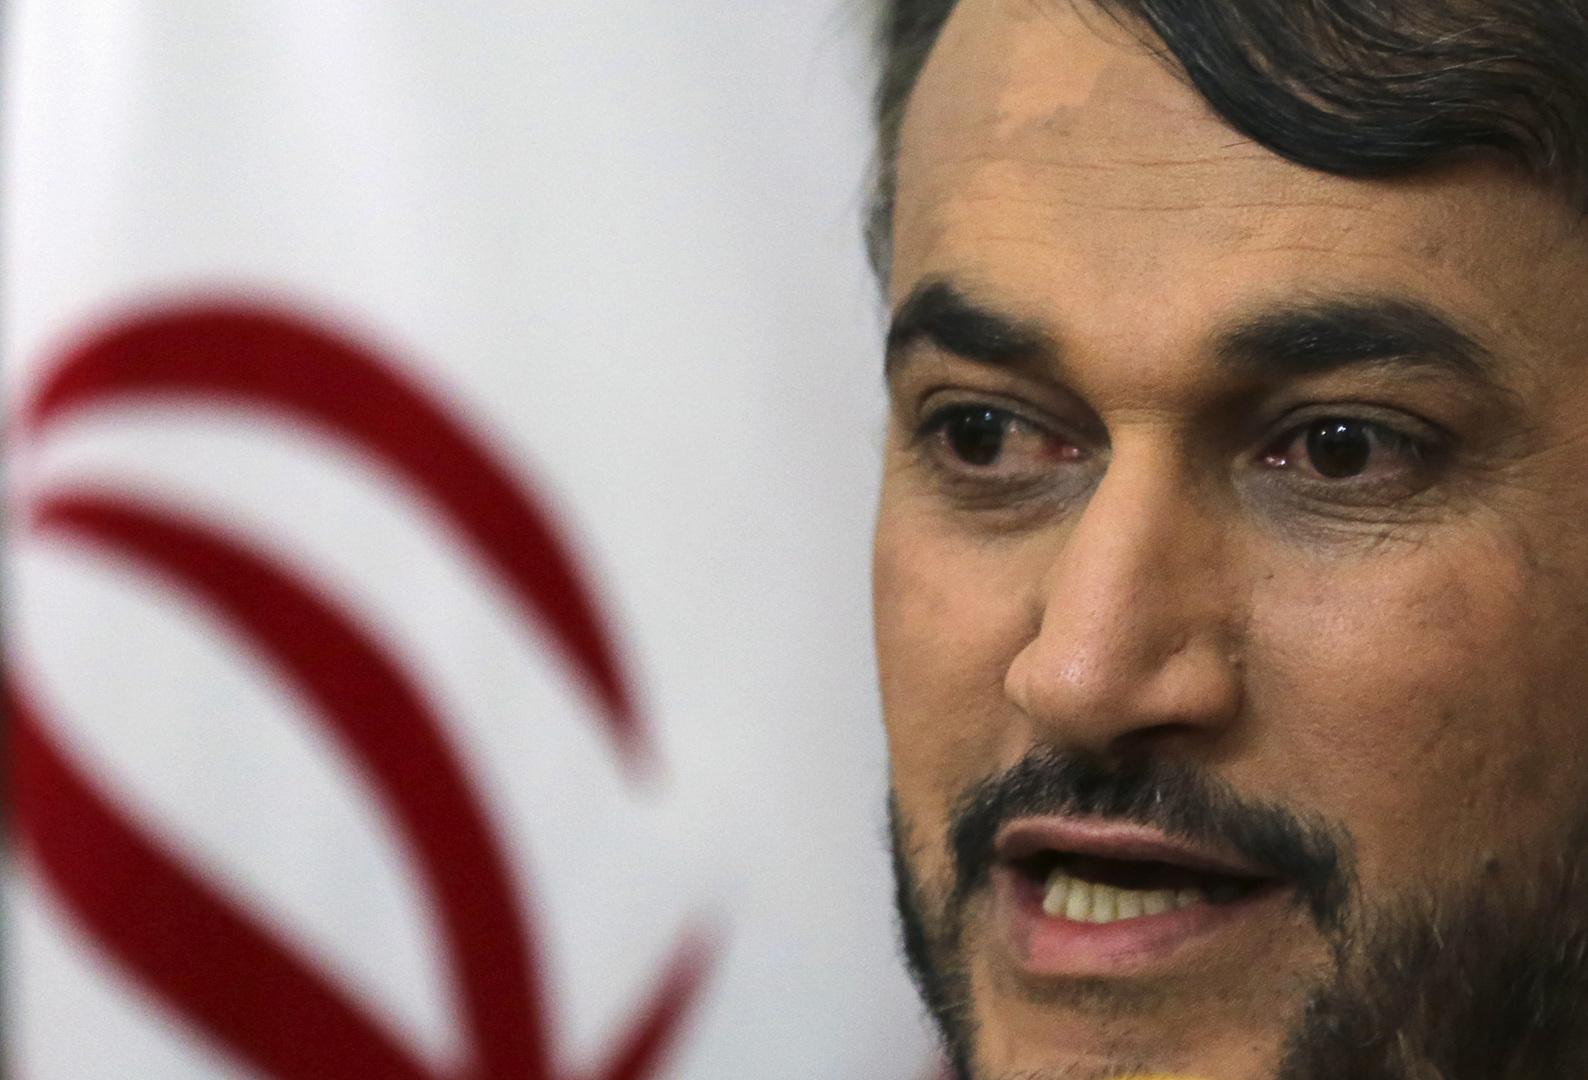 إيران: سنعود قريبا إلى المفاوضات حول الاتفاق النووي